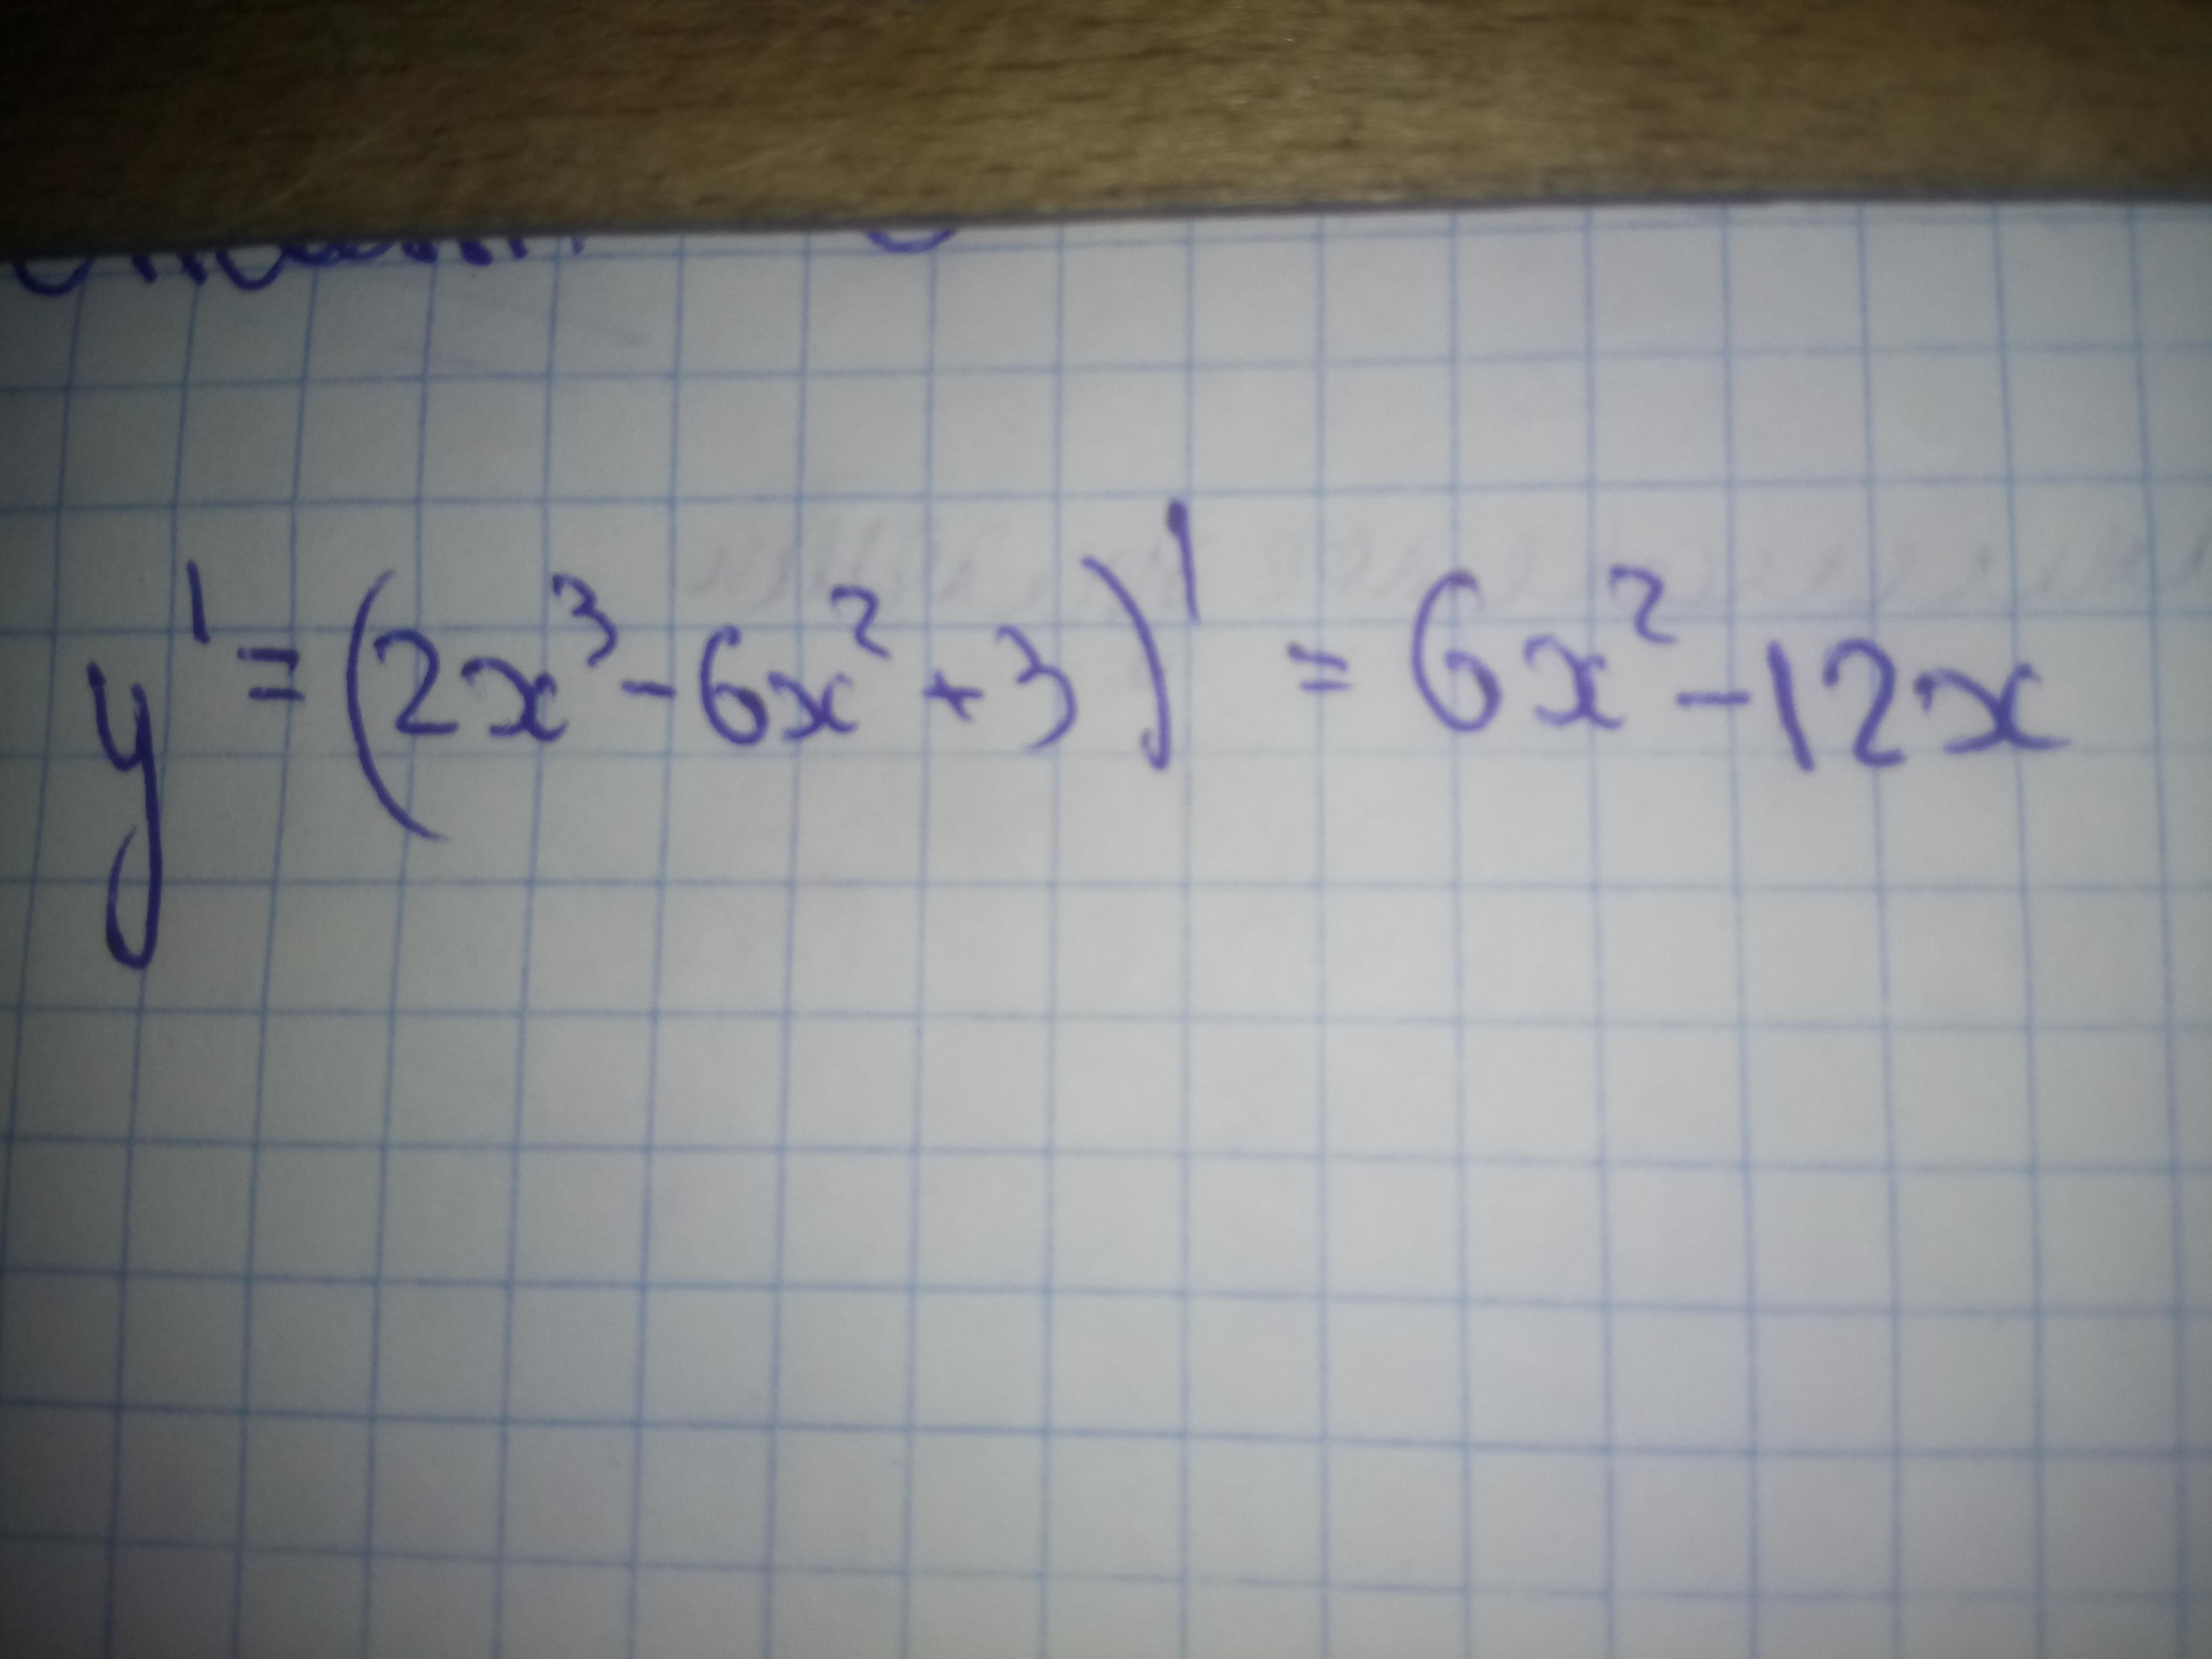 Y=2x^3-6x^2+3 производные срочно, пожалуйста